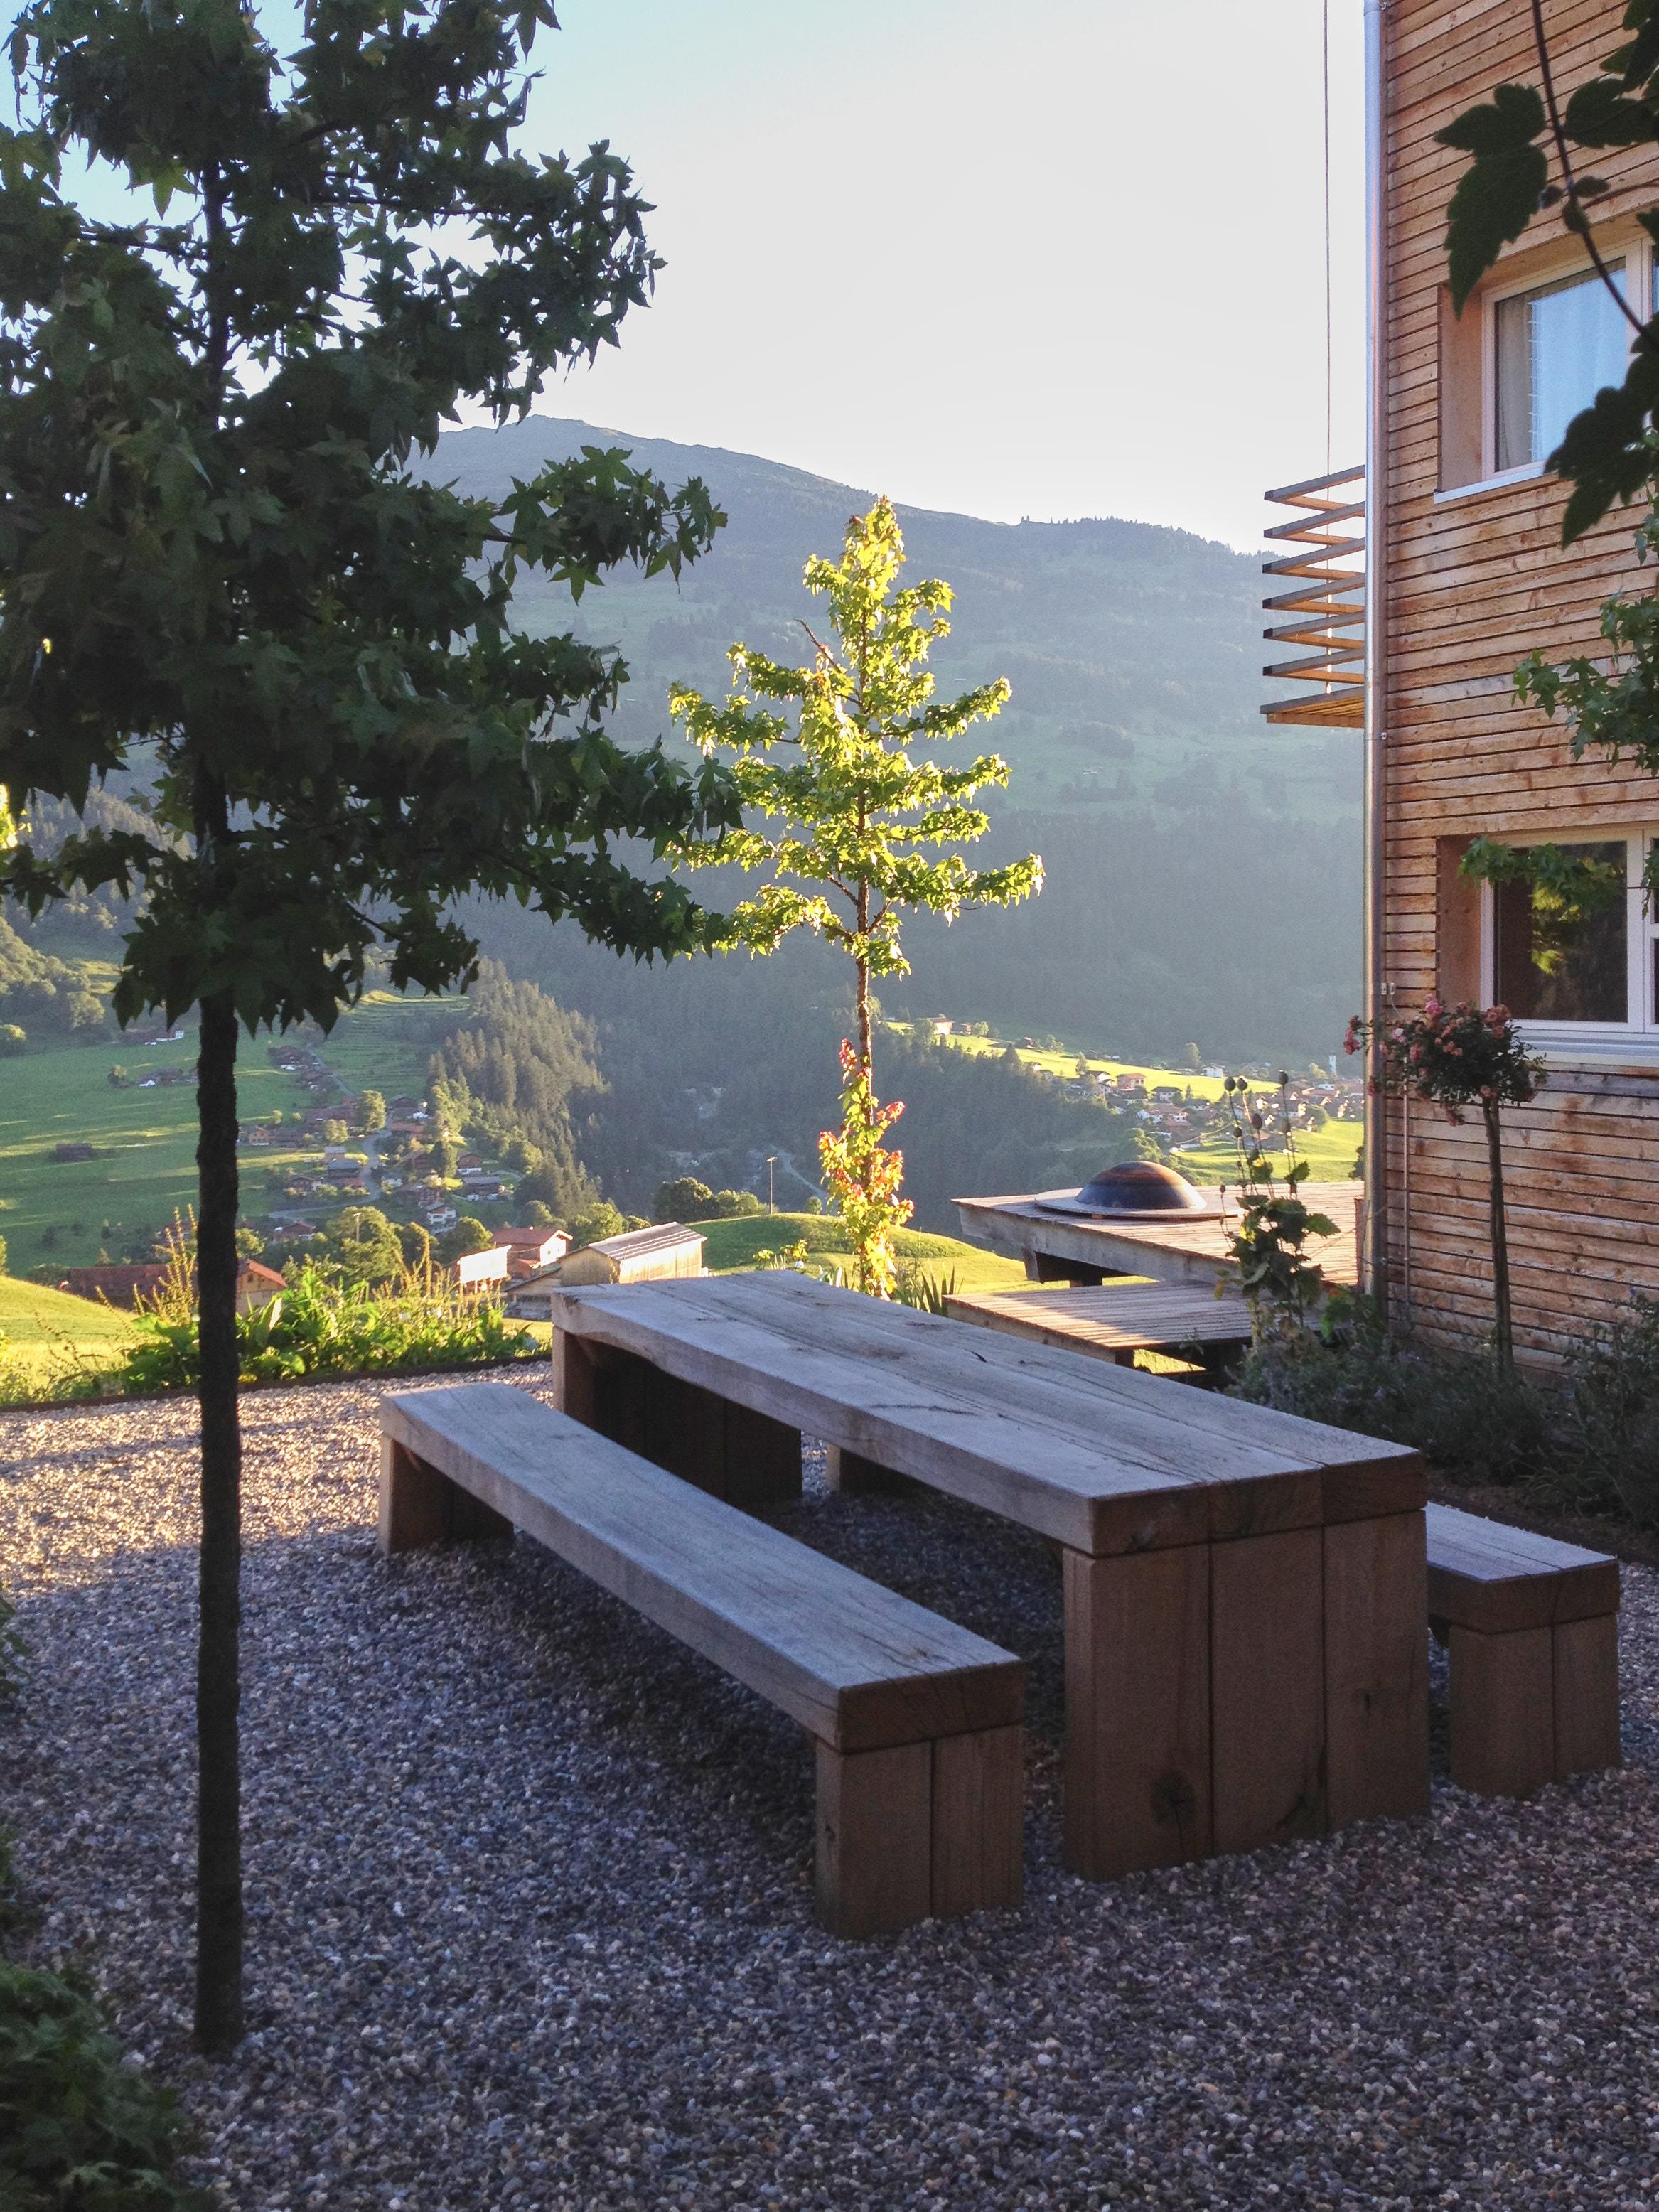 Home christine rittinghausen for Innenarchitektur studium leipzig